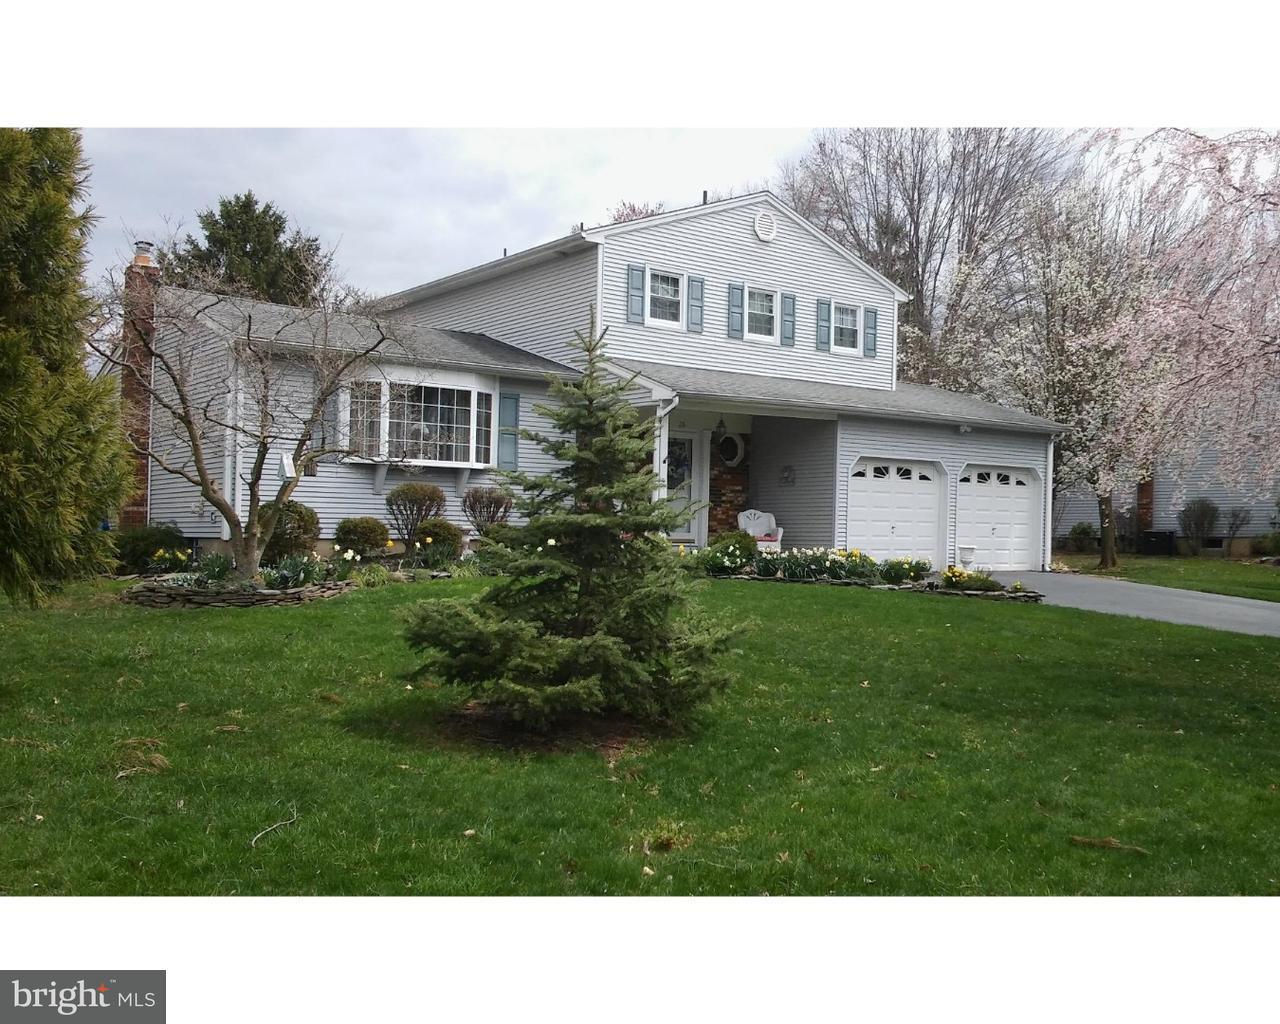 独户住宅 为 销售 在 26 TERRAPIN Lane Mercerville, 新泽西州 08619 美国在/周边: Hamilton Township